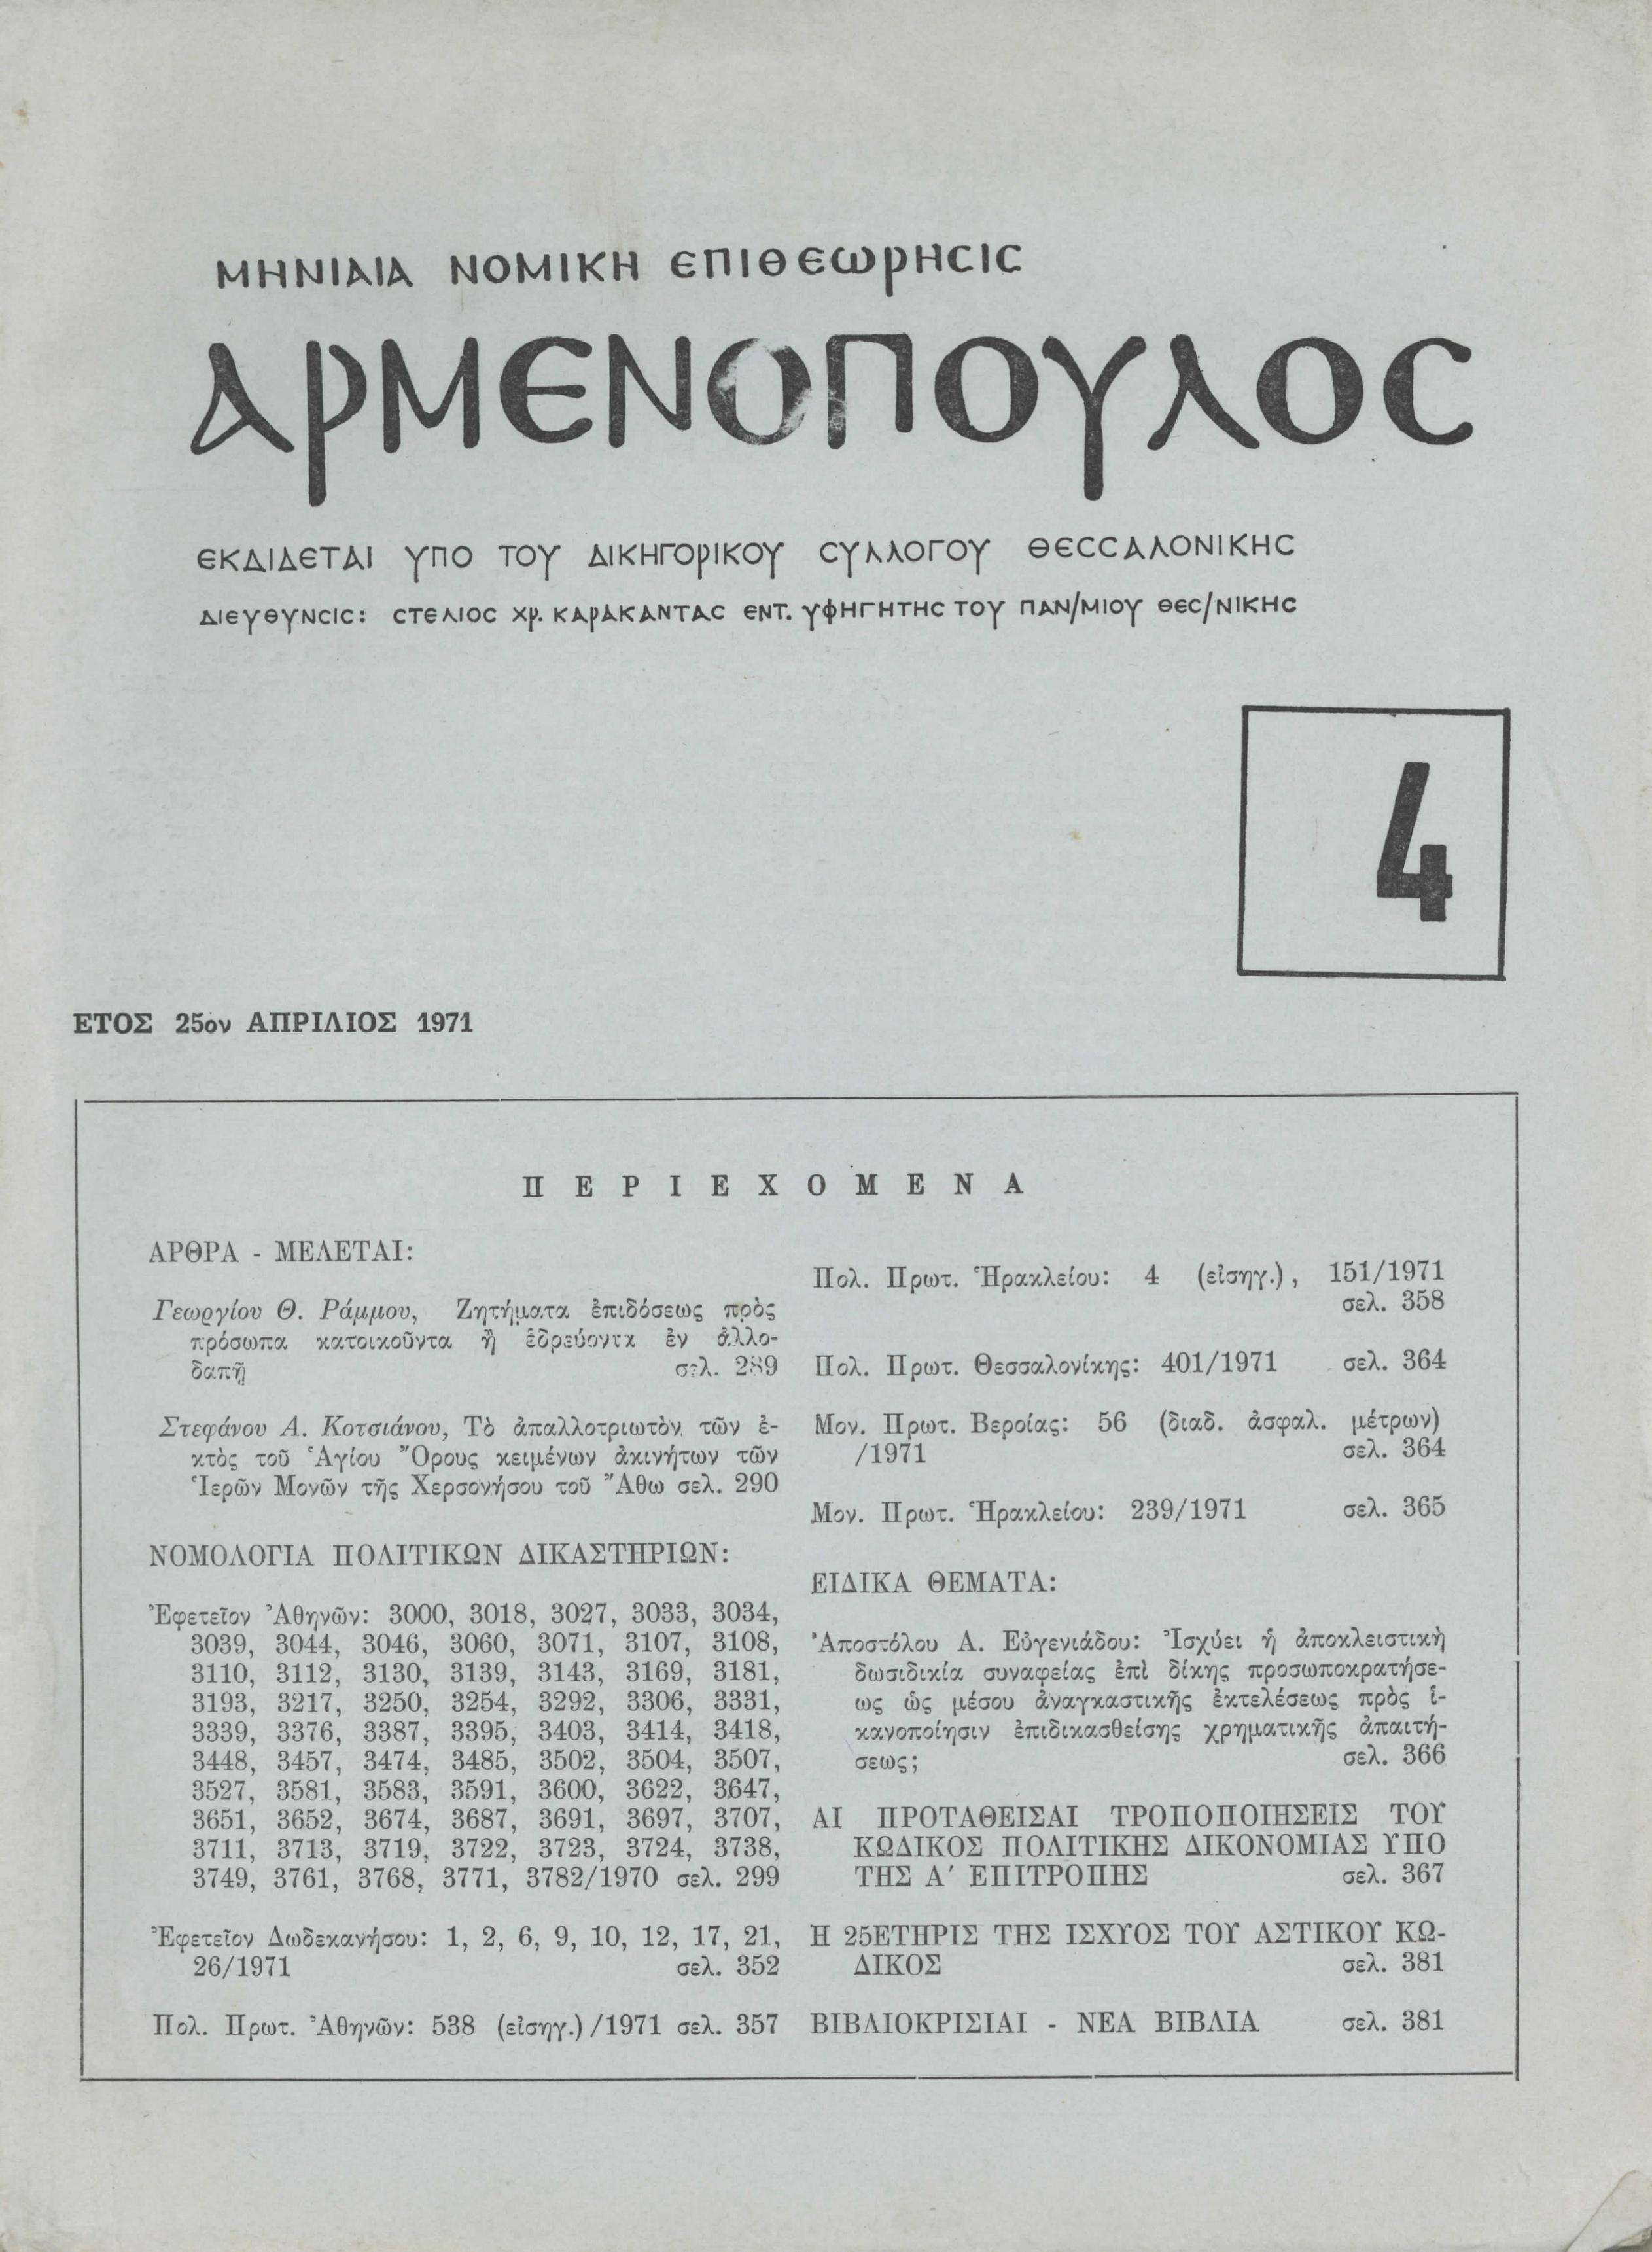 Αρμενόπουλος 1971 - Το απαλλοτριωτόν των εκτός του Αγίου Όρους κειμένων ακινήτων